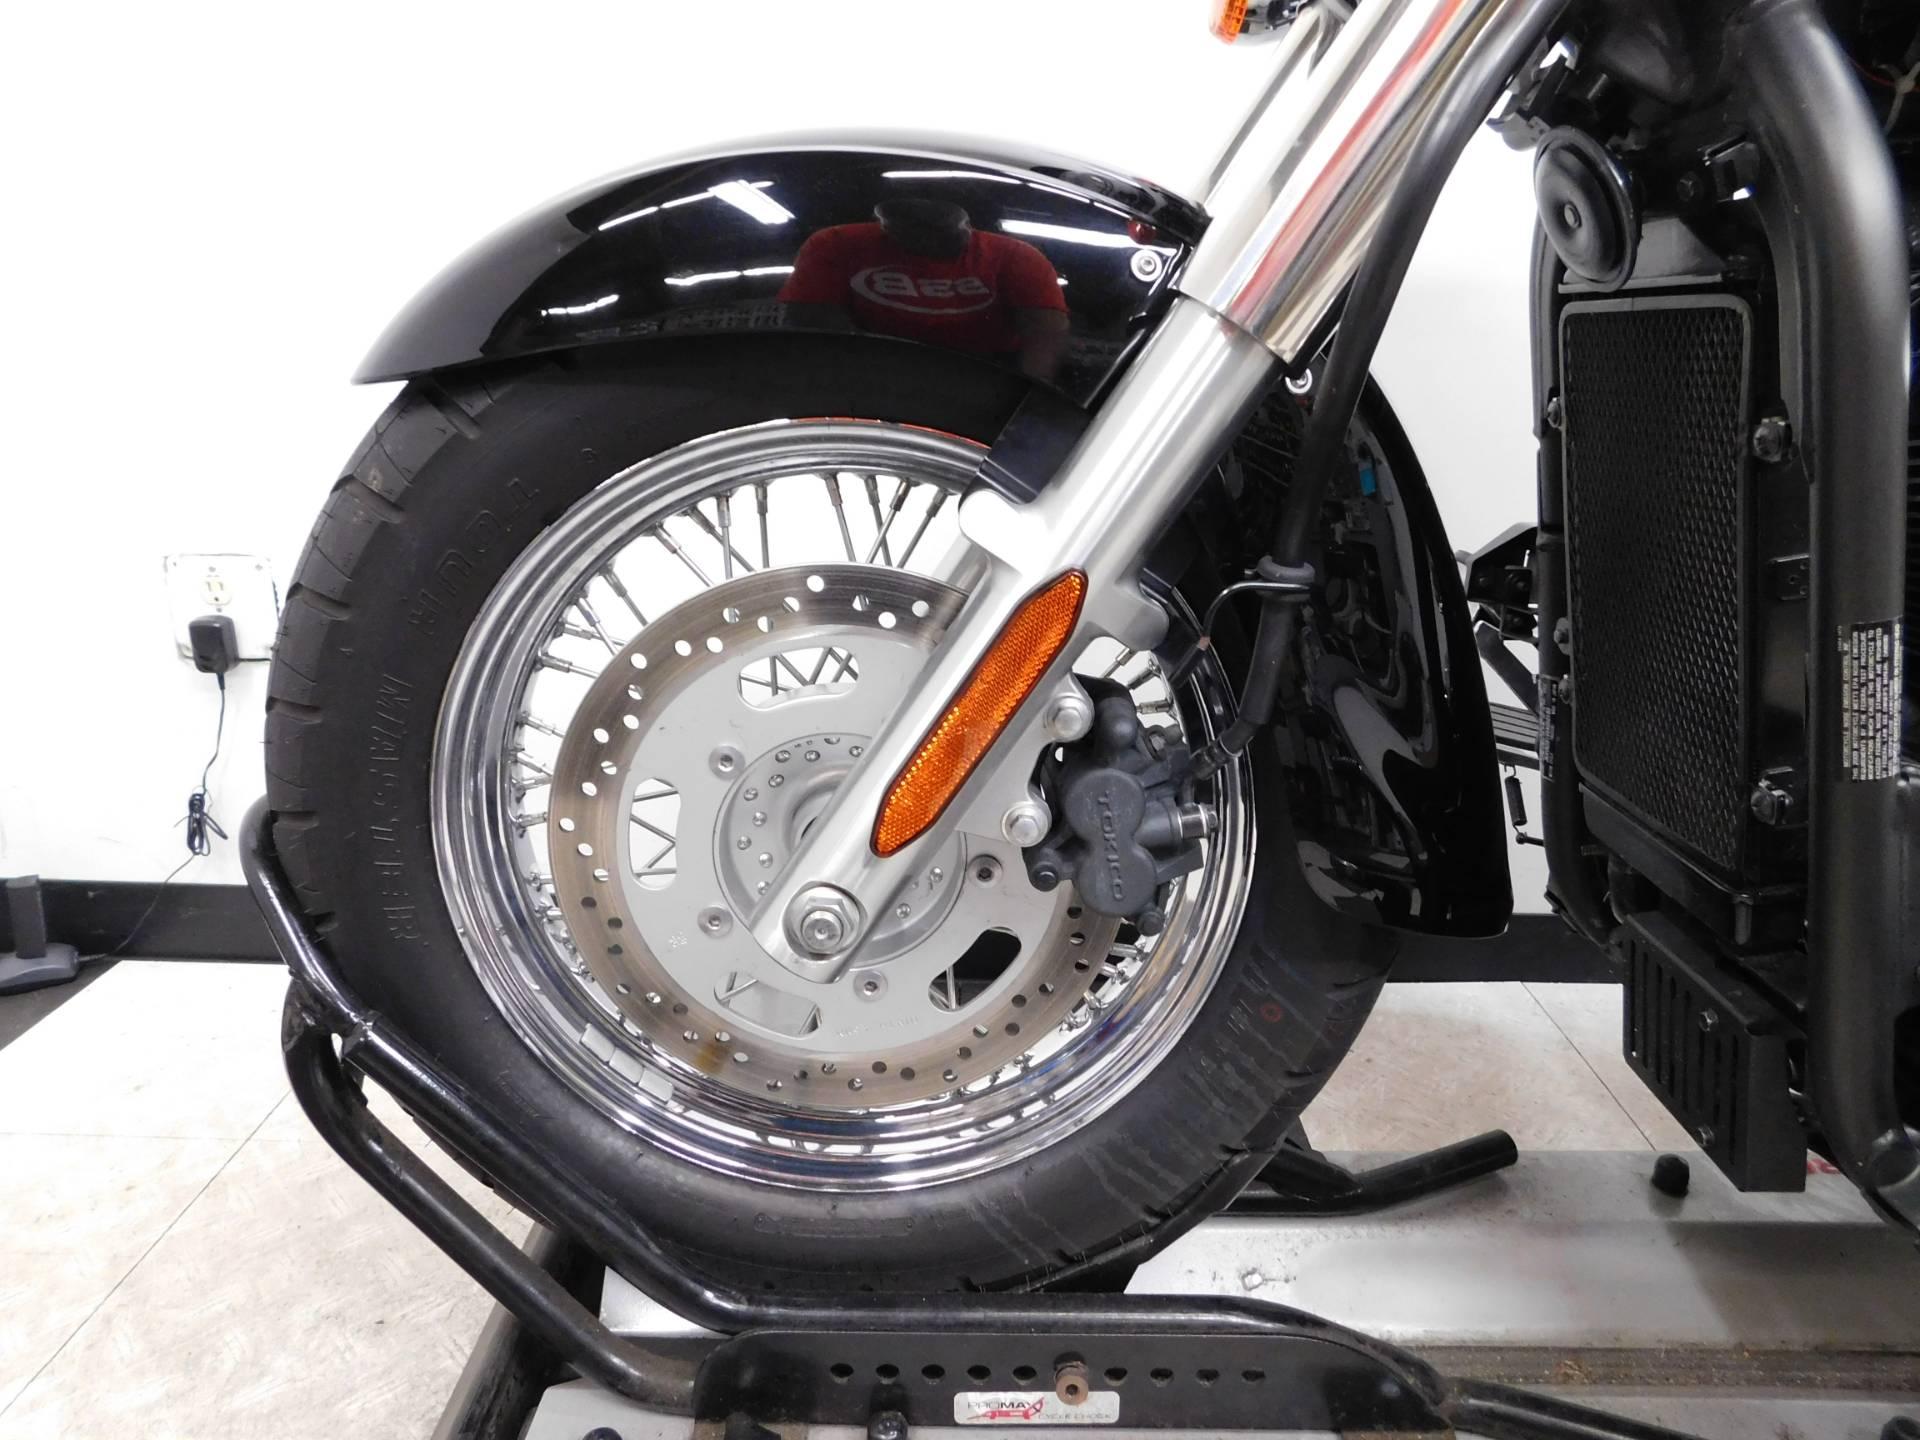 2009 Kawasaki Vulcan 900 Custom 11